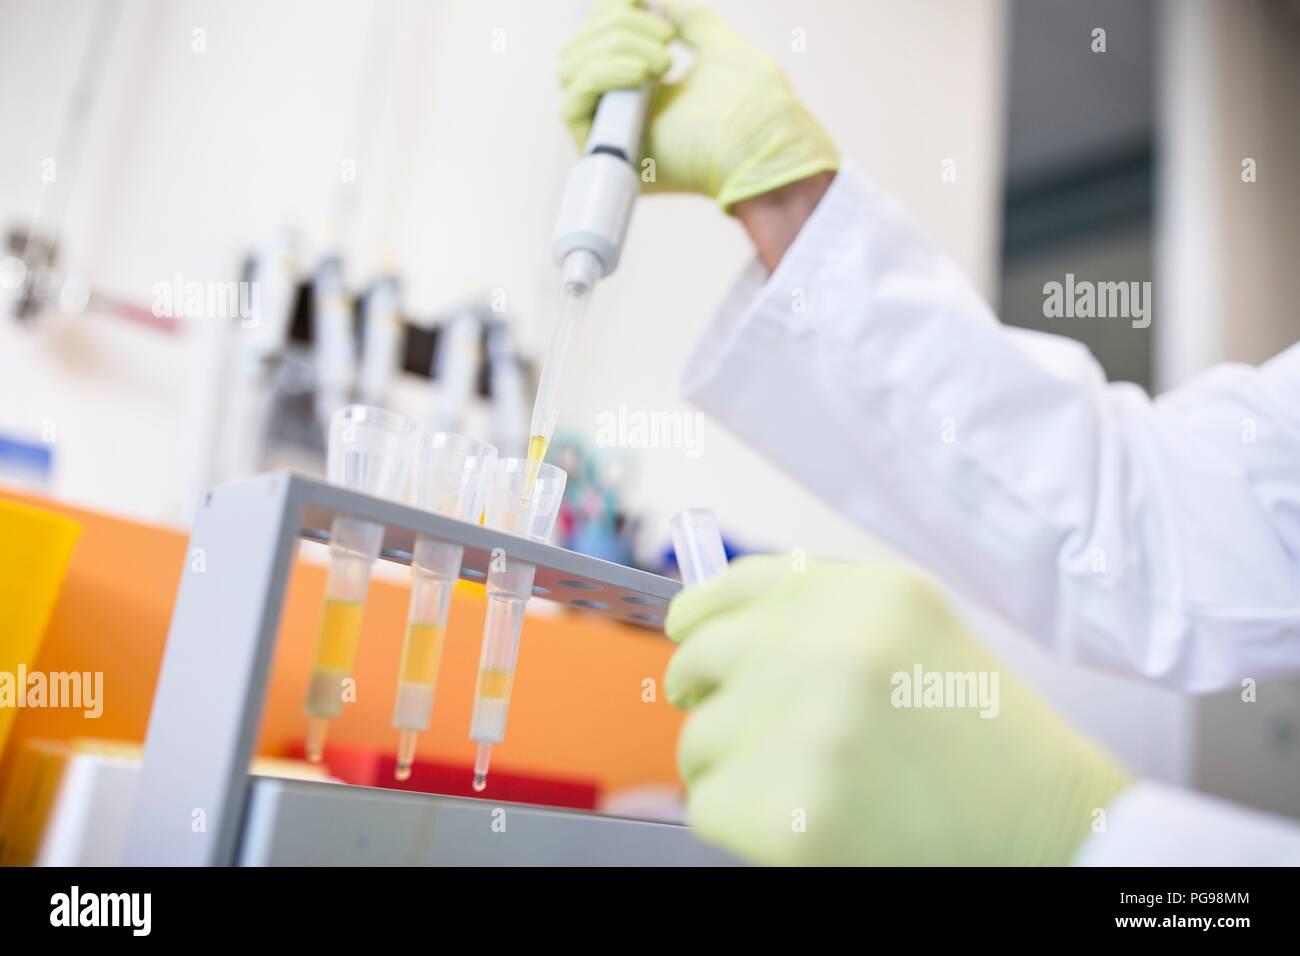 Técnico muestras de pipeteo en cartuchos de extracción de fase sólida (SPE). SPE es utilizado para separar a partir de una mezcla de compuestos biológicos para su posterior análisis. Imagen De Stock